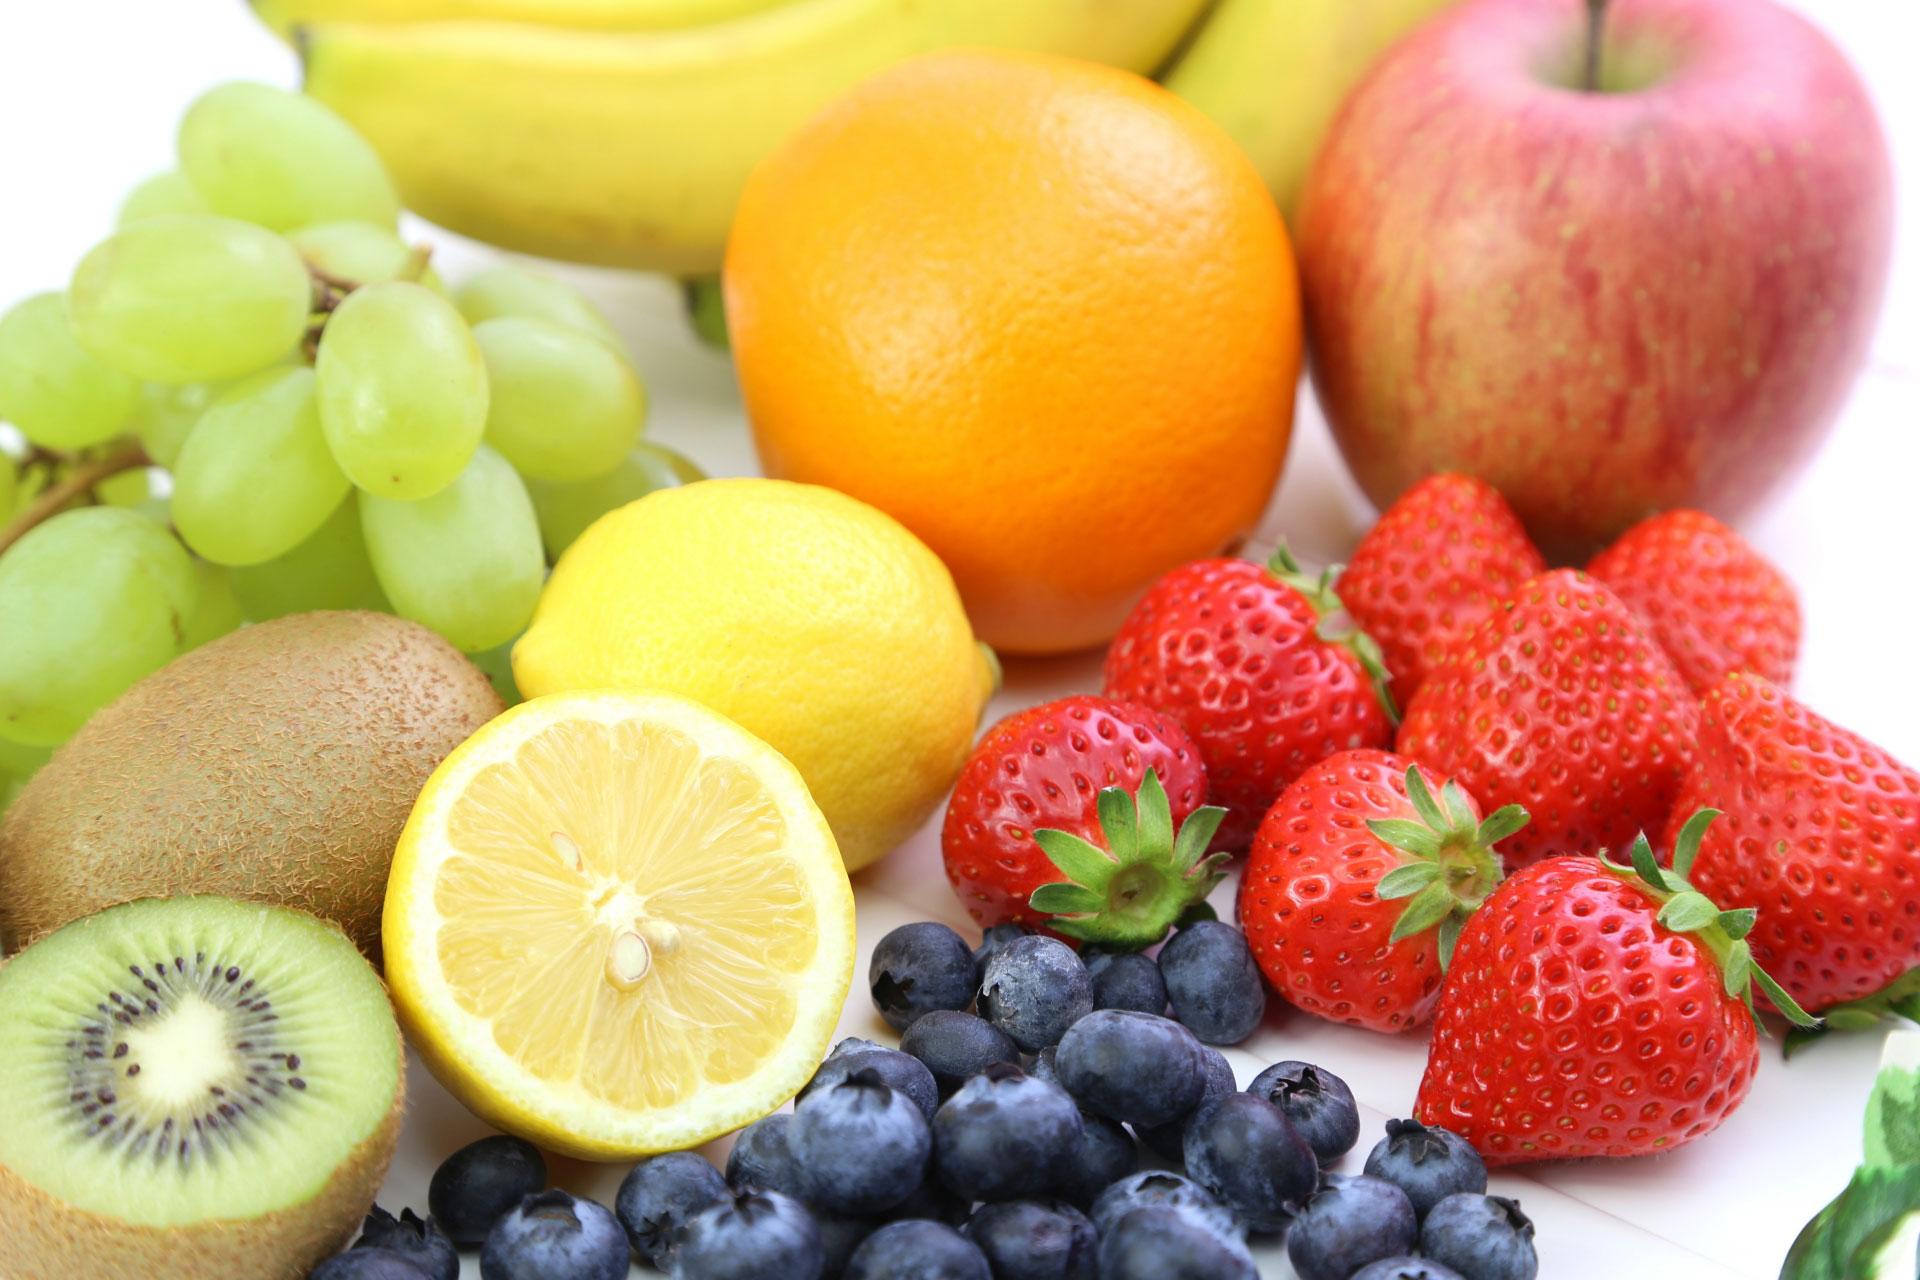 便秘を解消する食べ物は?おすすめ下腹ぺたんこレシピ♪フルーツ(果物)